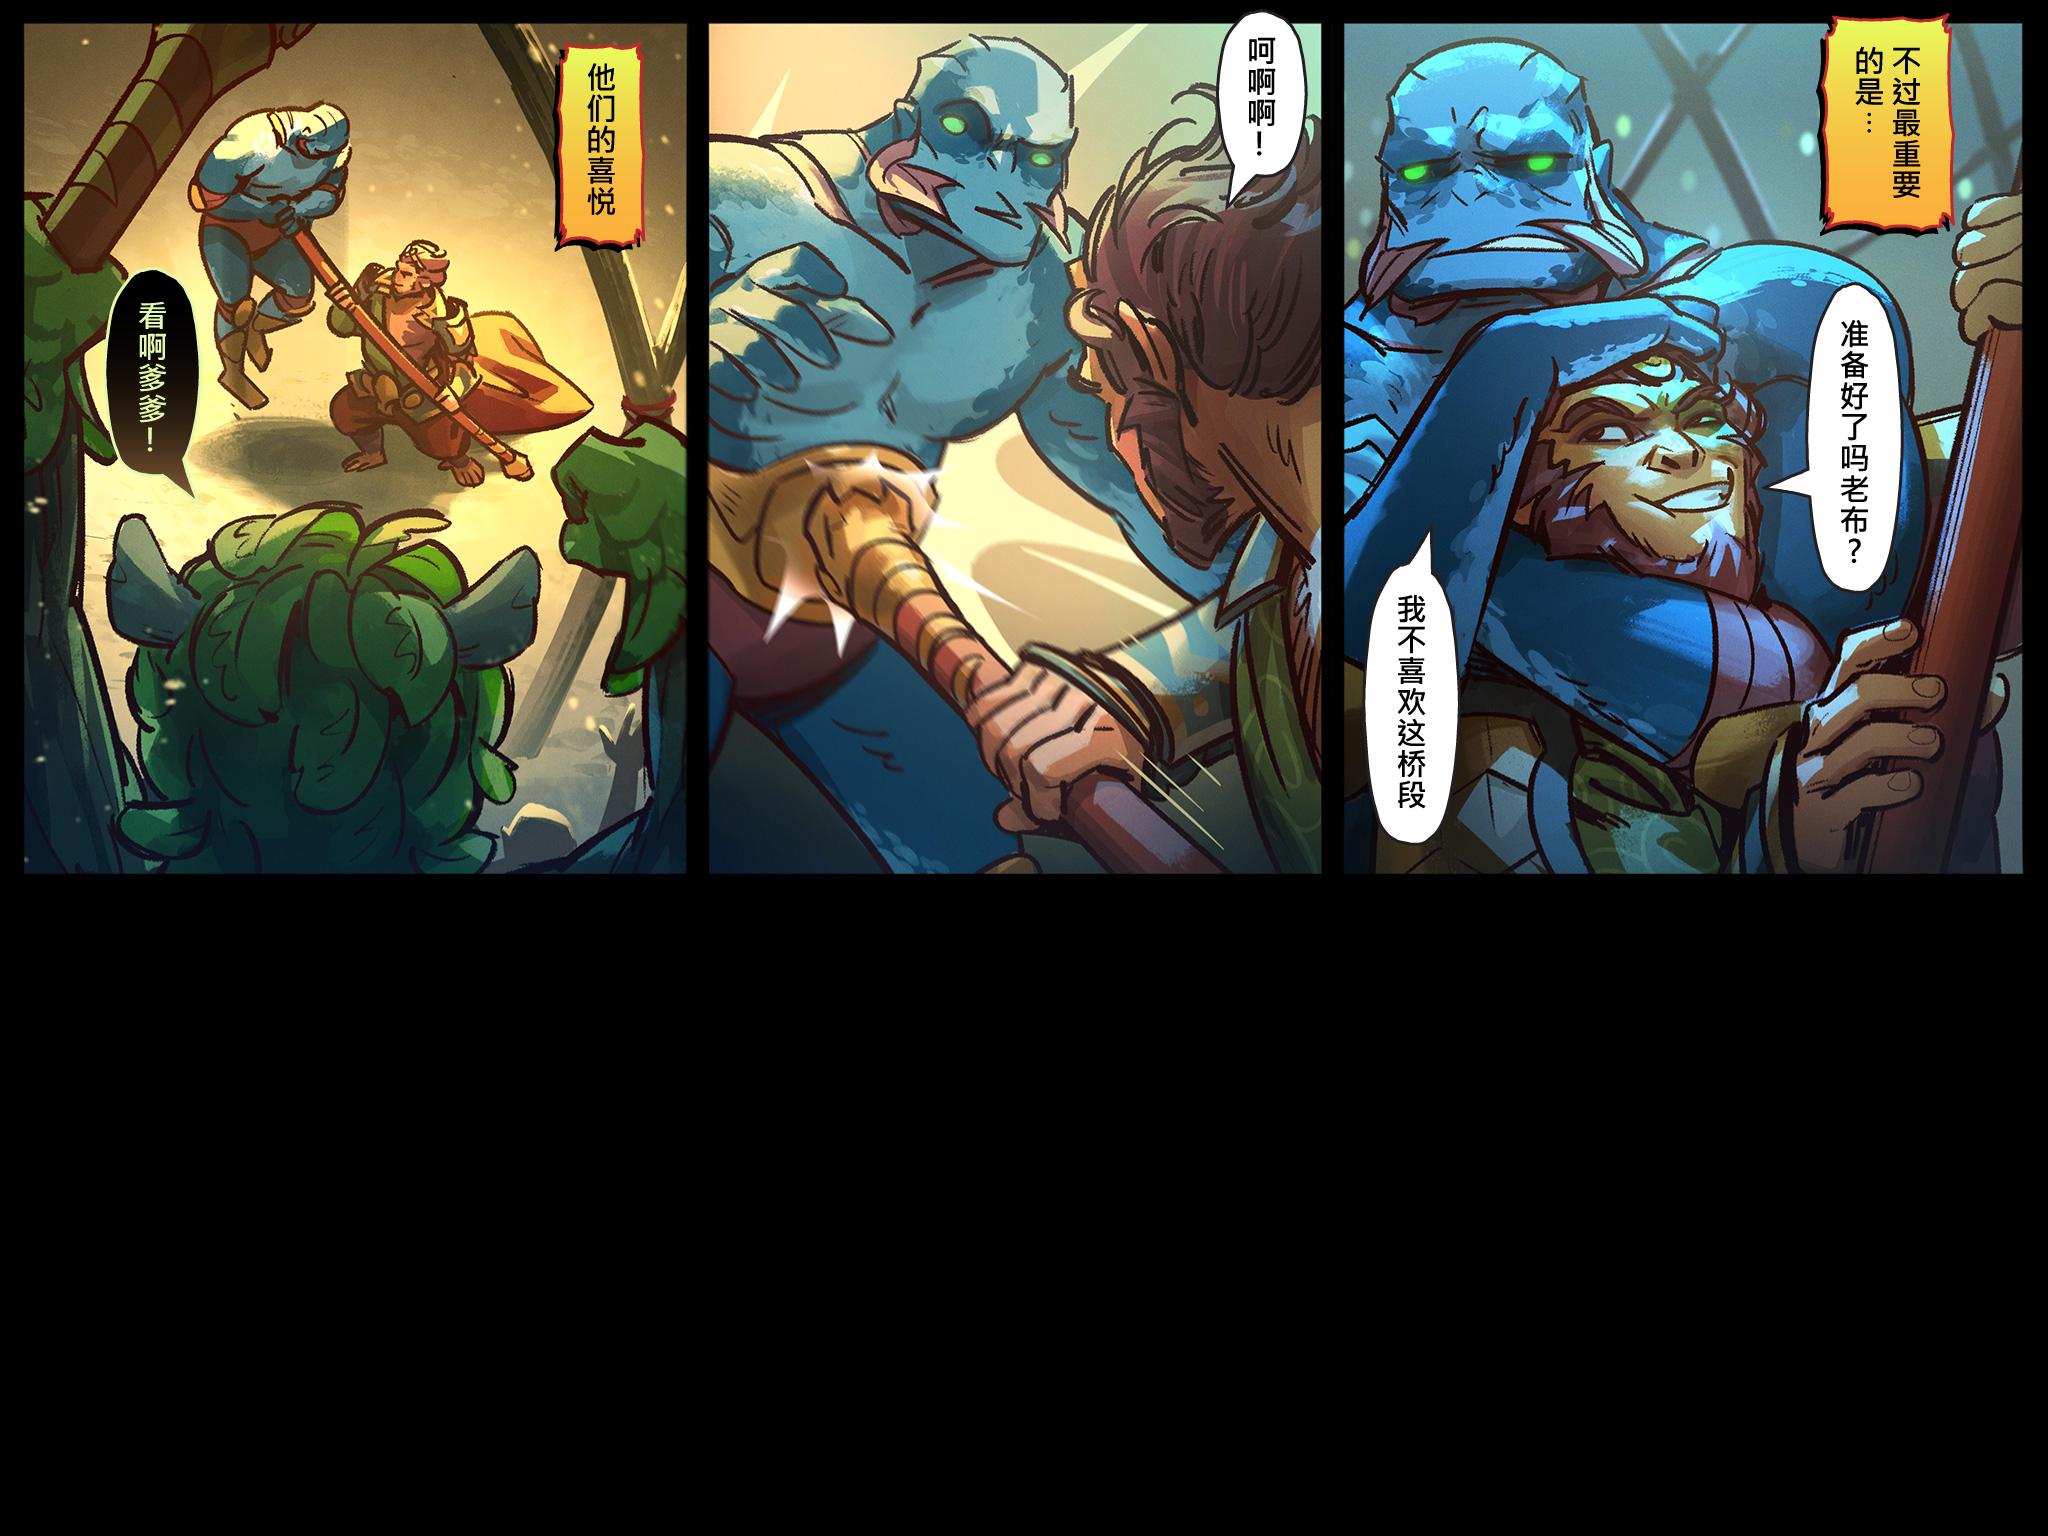 0新英雄彩蛋 齐天大圣漫画1 2合集图片